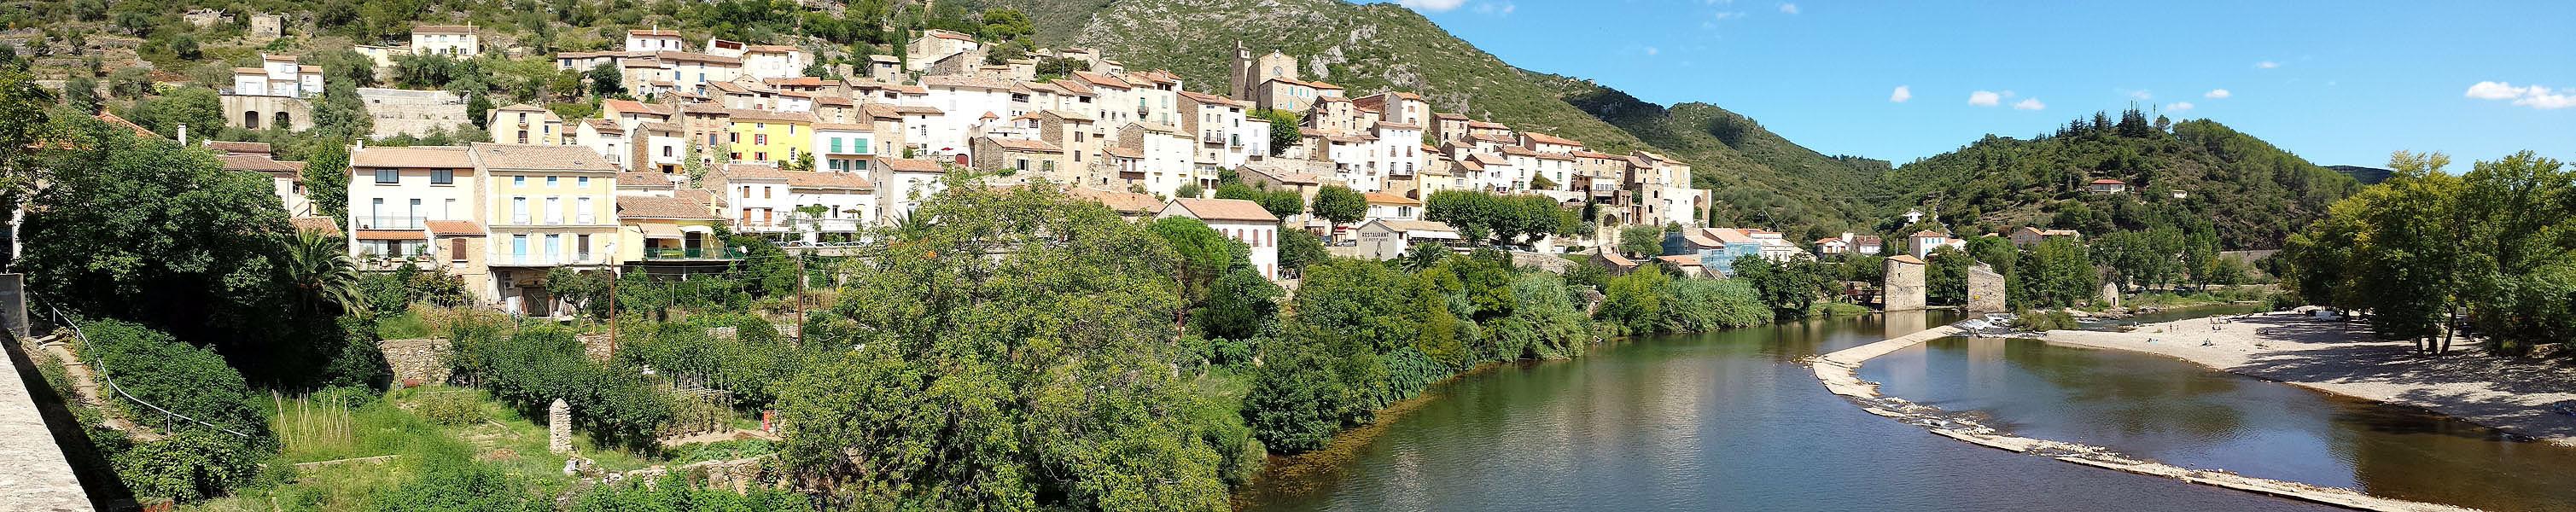 Roquebrun, Languedoc